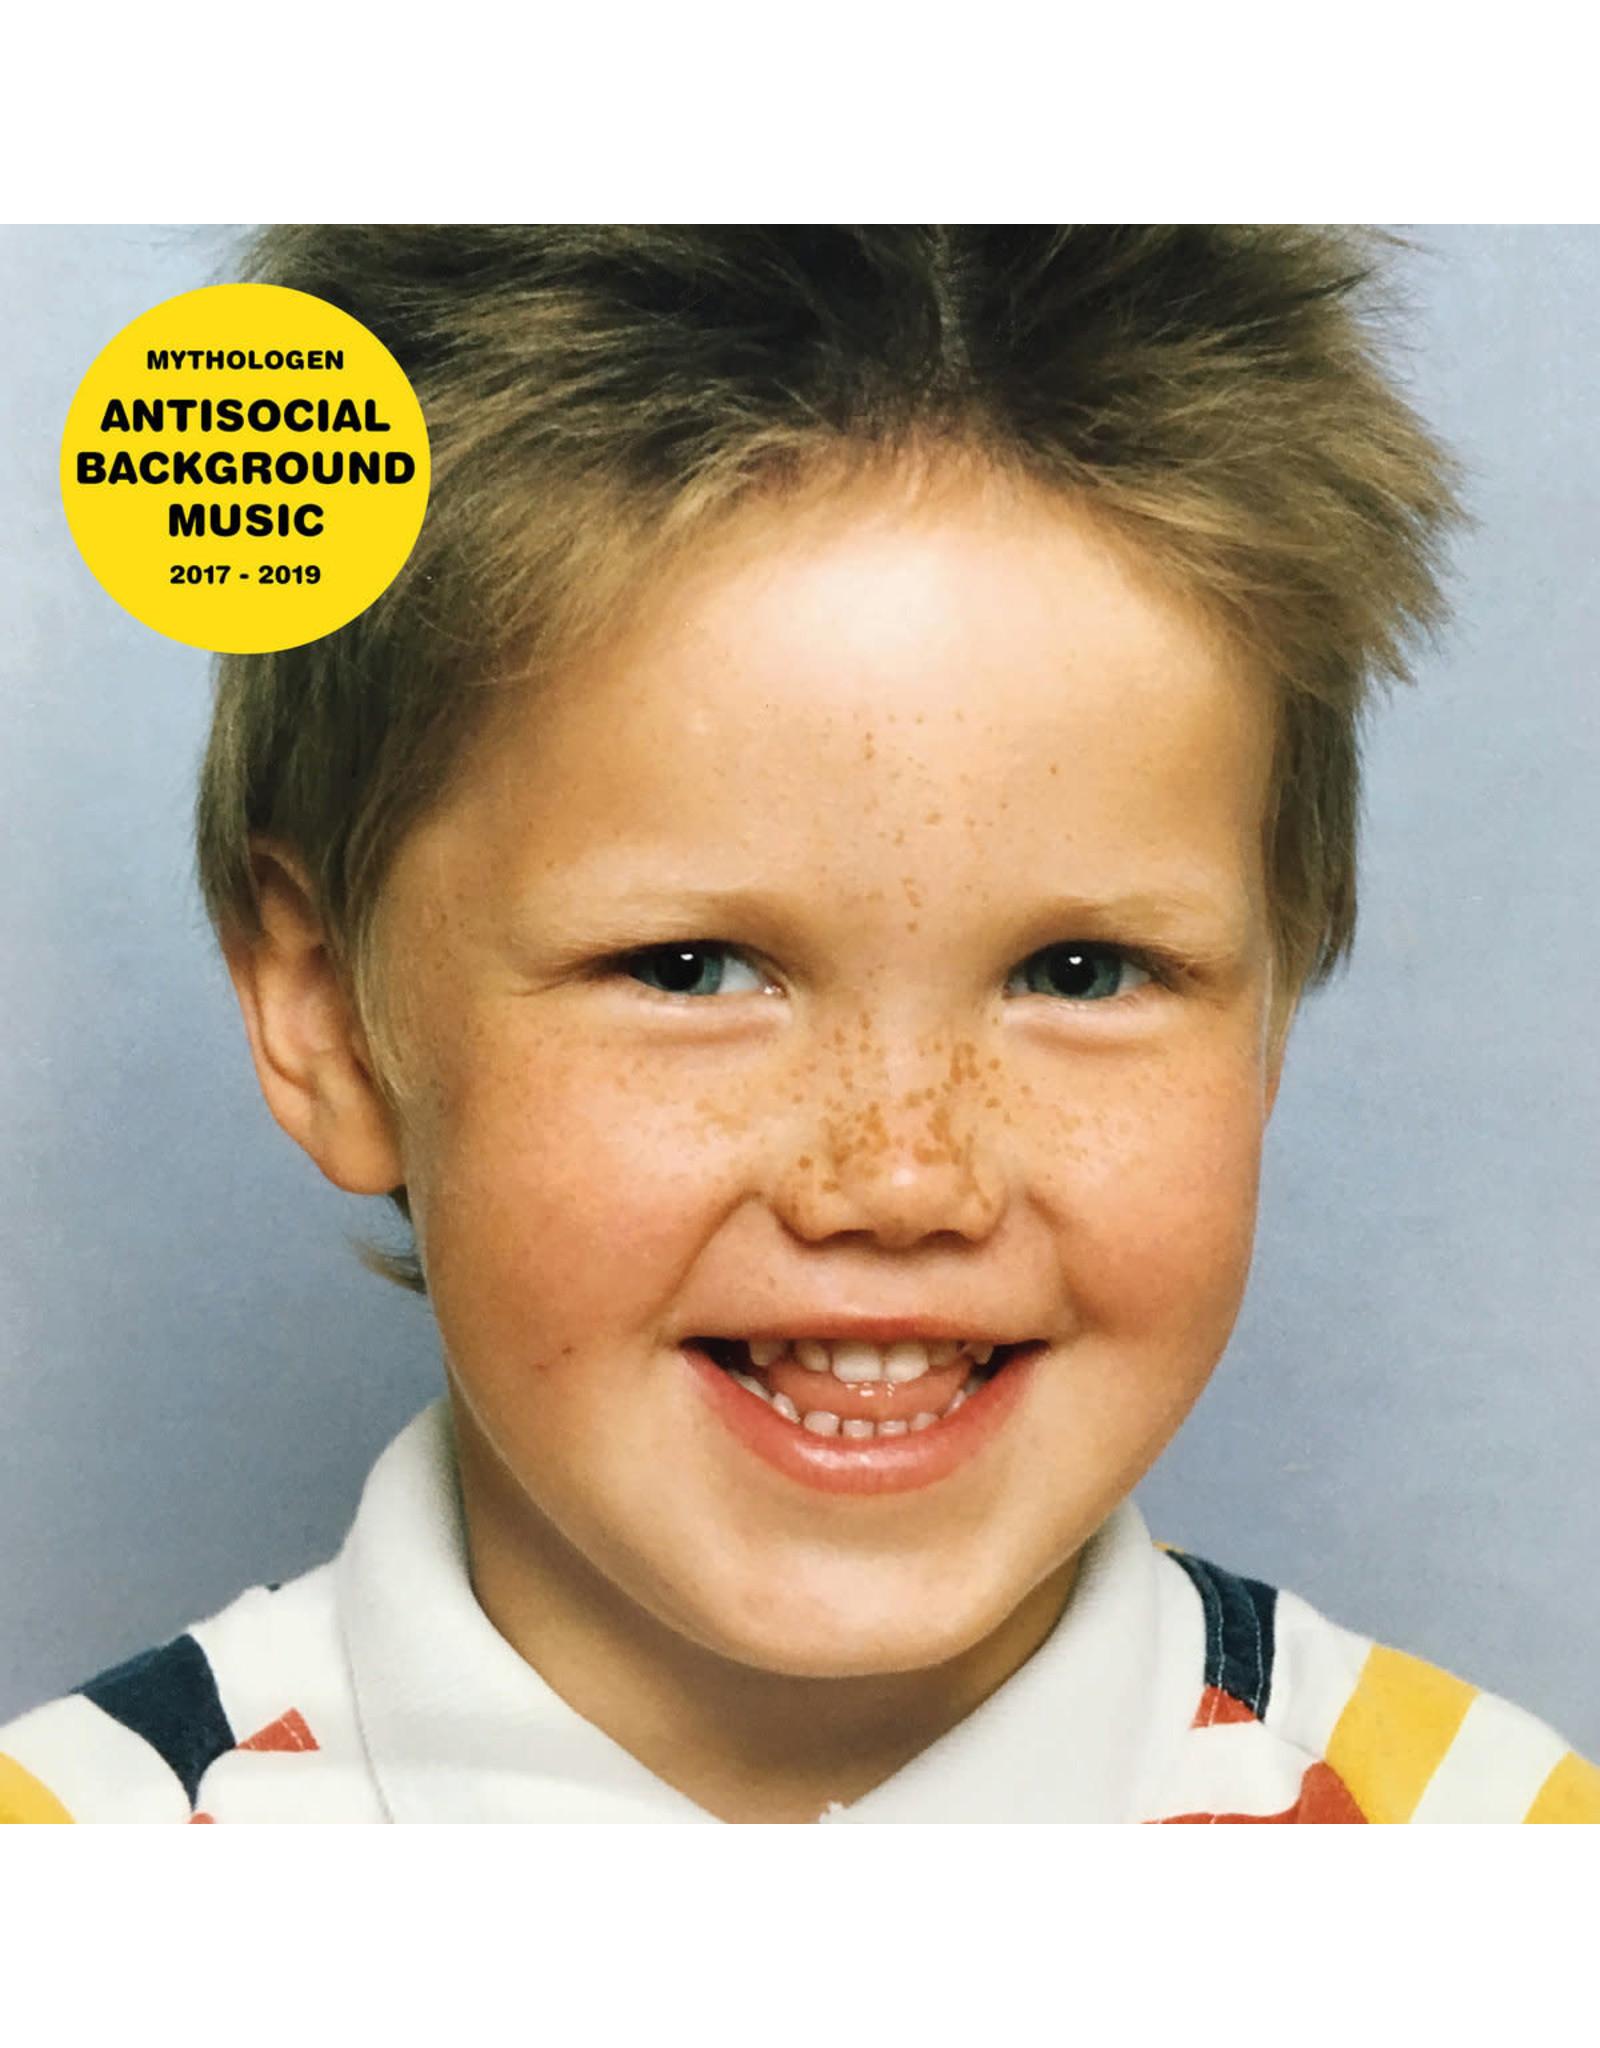 New Vinyl Mythologen - Antisocial Background Music LP